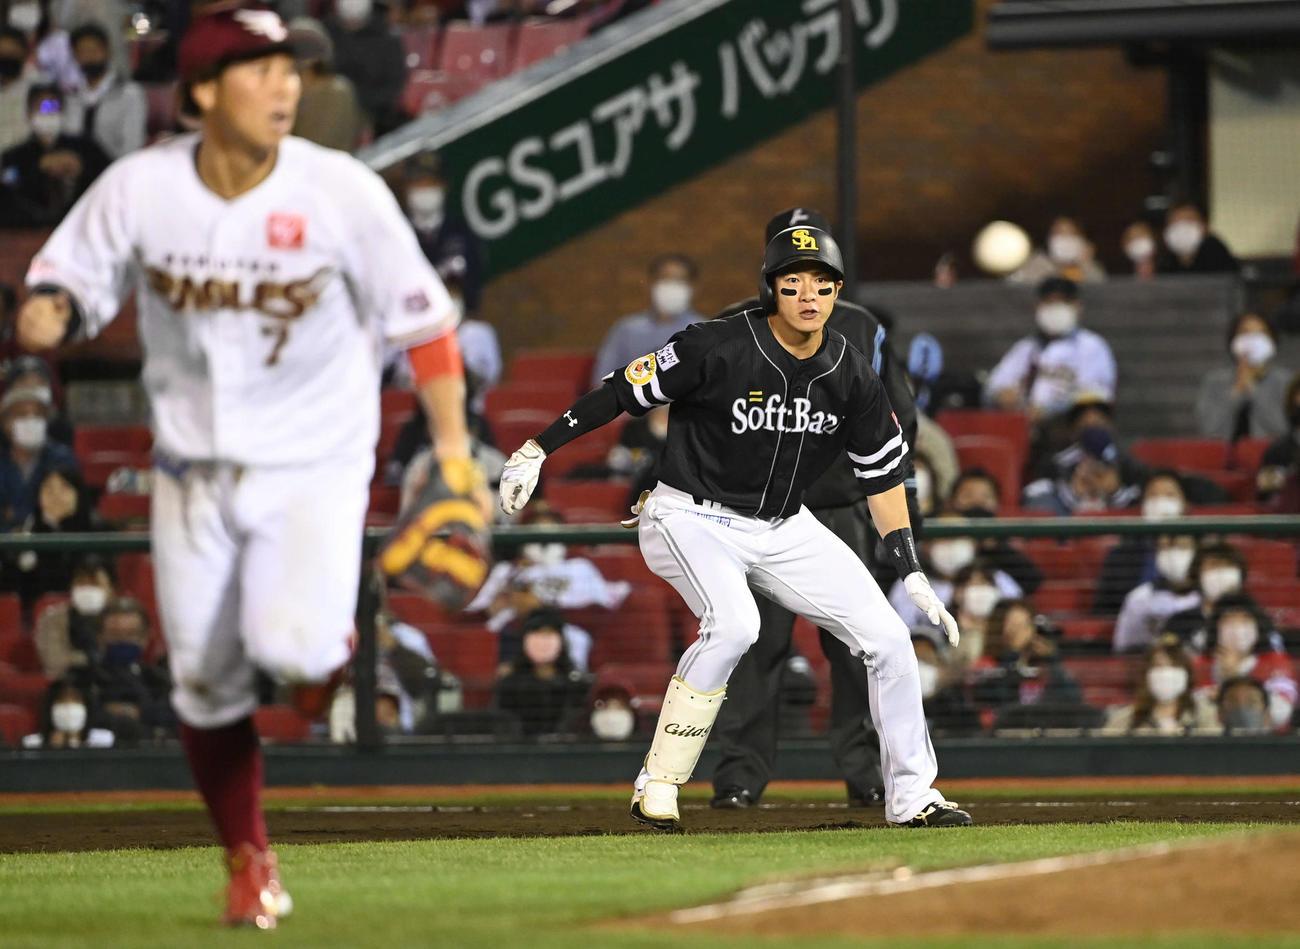 楽天対ソフトバンク 8回表ソフトバンク2死満塁、2点適時打を放った柳田は中継ミスを確認して二塁へ向かう。手前は一塁手鈴木大(撮影・山崎安昭)